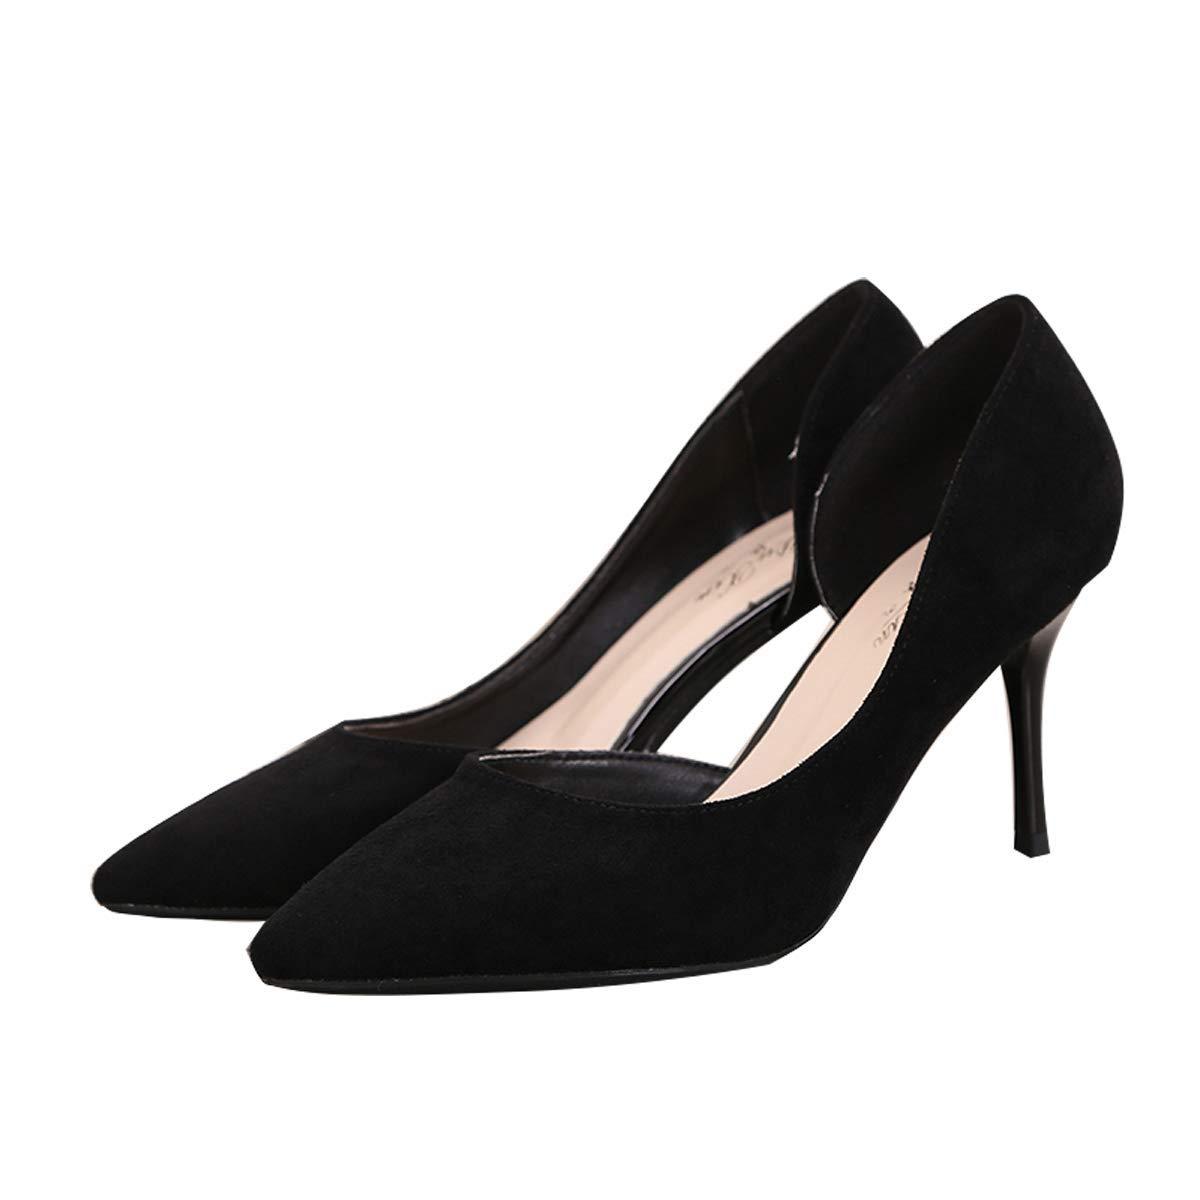 HBDLH Damenschuhe/Seite Platz 8 cm High Heels Weiblich Winter 100 Sätze Flachen Mund Einzelne Schuhe Haben Dünne Heels 38 Schwarz